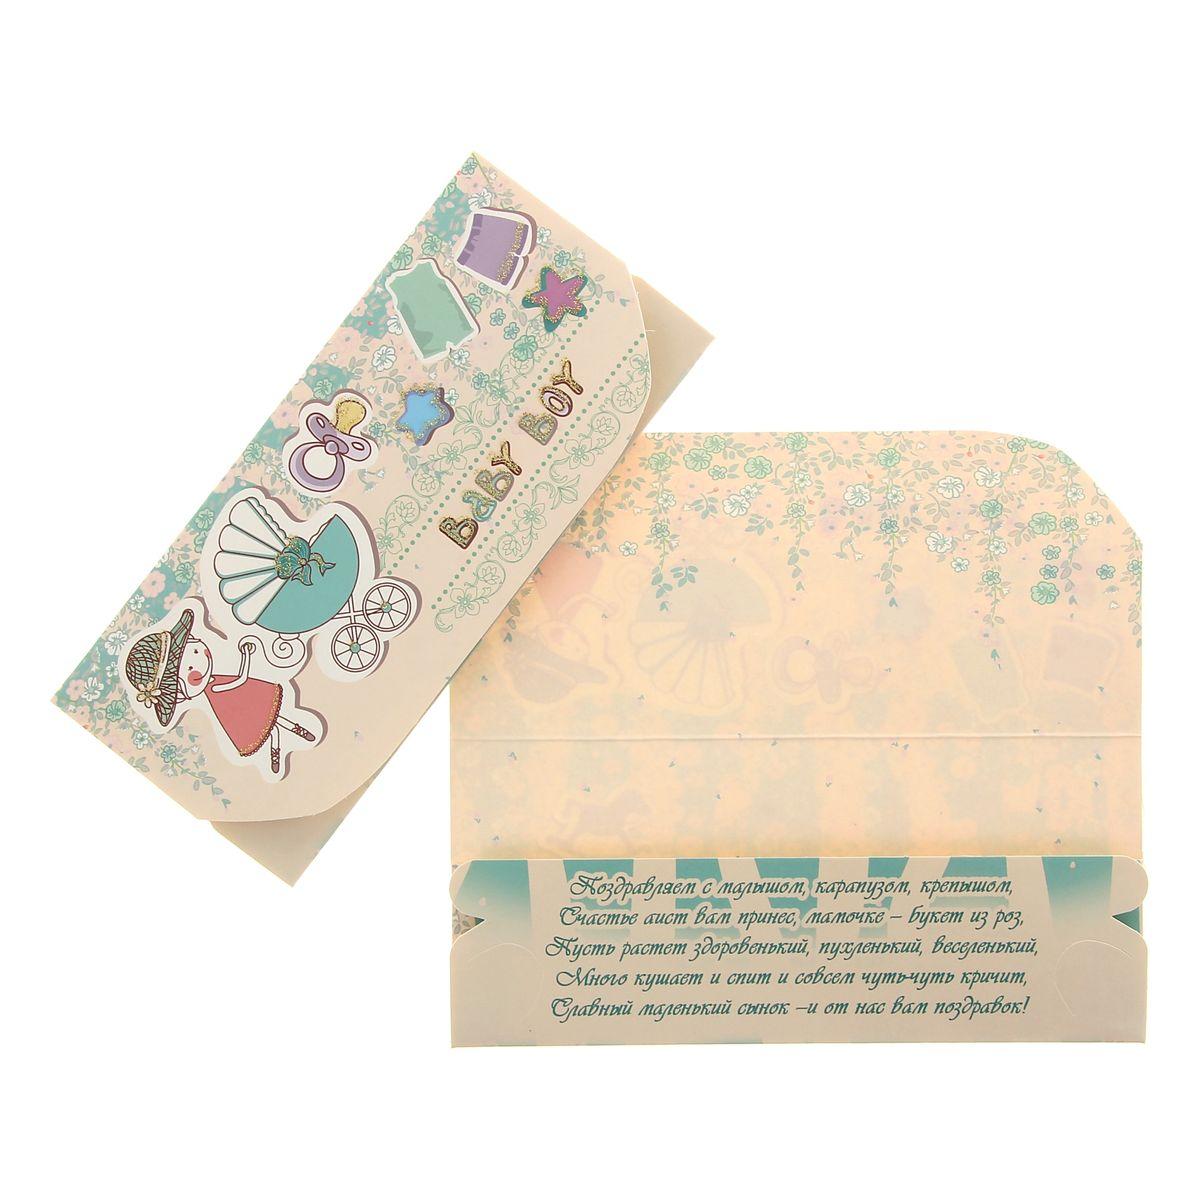 Конверт для денег С новорожденным. 10285601028560Конверт для денег С новорожденным выполнен из плотной бумаги и украшен яркой картинкой, соответствующей событию. Это необычная красивая одежка для денежного подарка, а так же отличная возможность сделать его более праздничным и создать прекрасное настроение! Конверт С новорожденным- идеальное решение, если вы хотите подарить деньги.